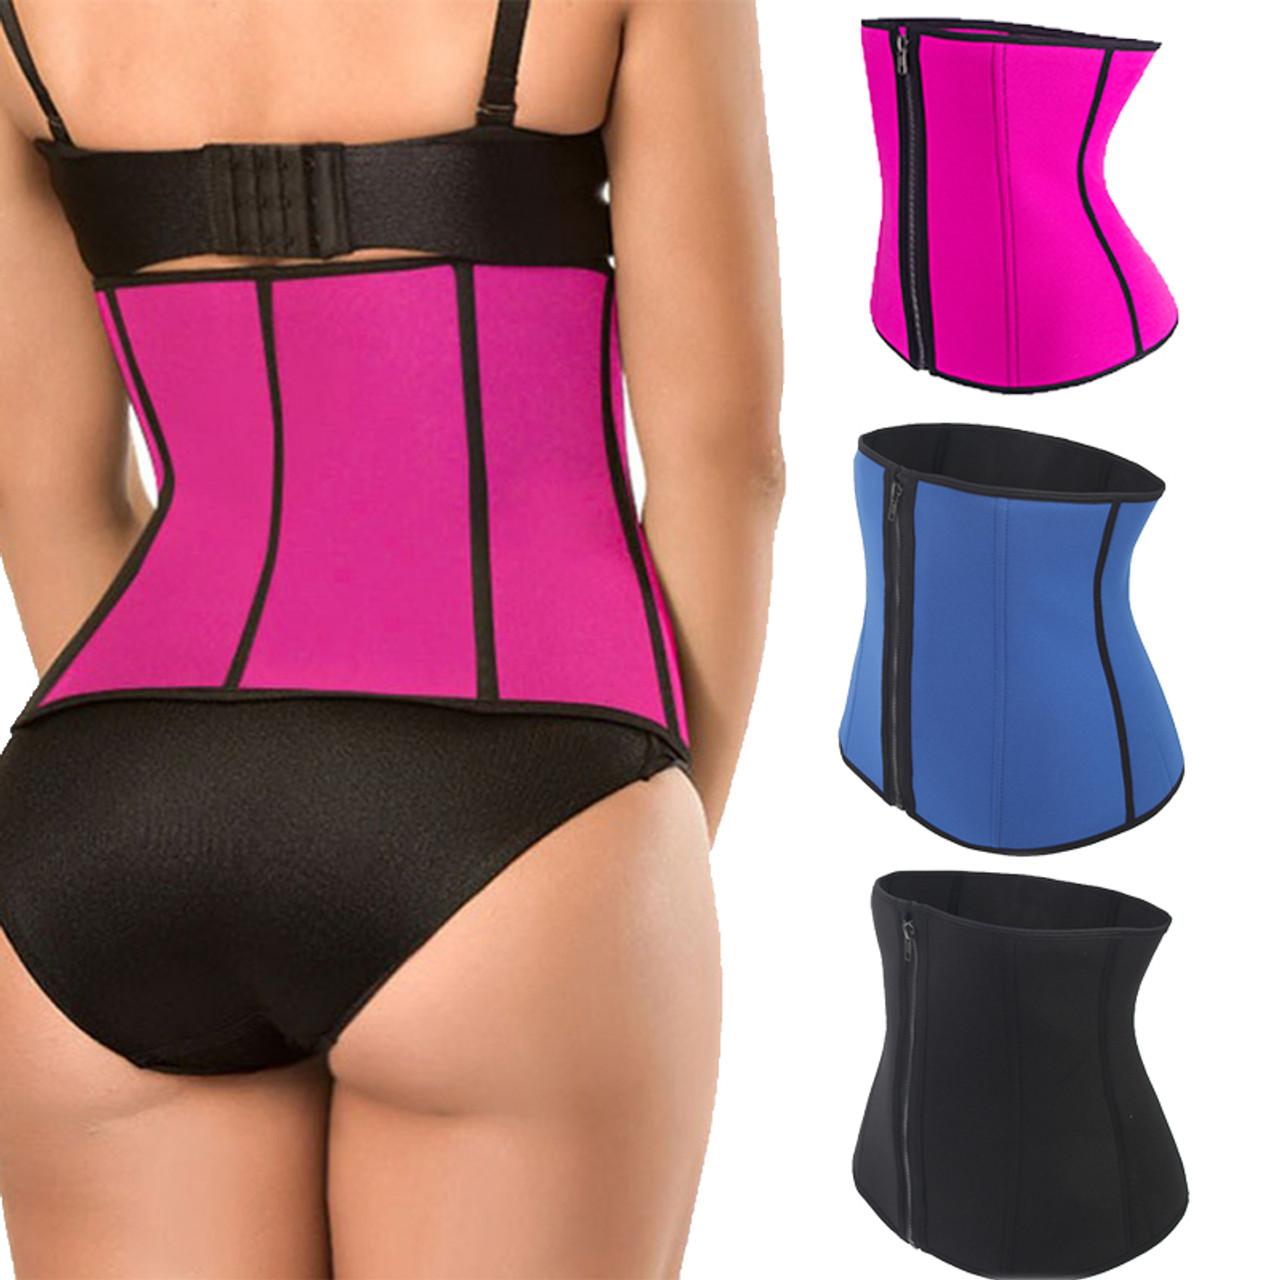 534328f7075 FLORATA Body Shapers Unisex Waist Cincher Trimmer Tummy Slimming Belt Latex  Waist Trainer Men Women Postpartum ...